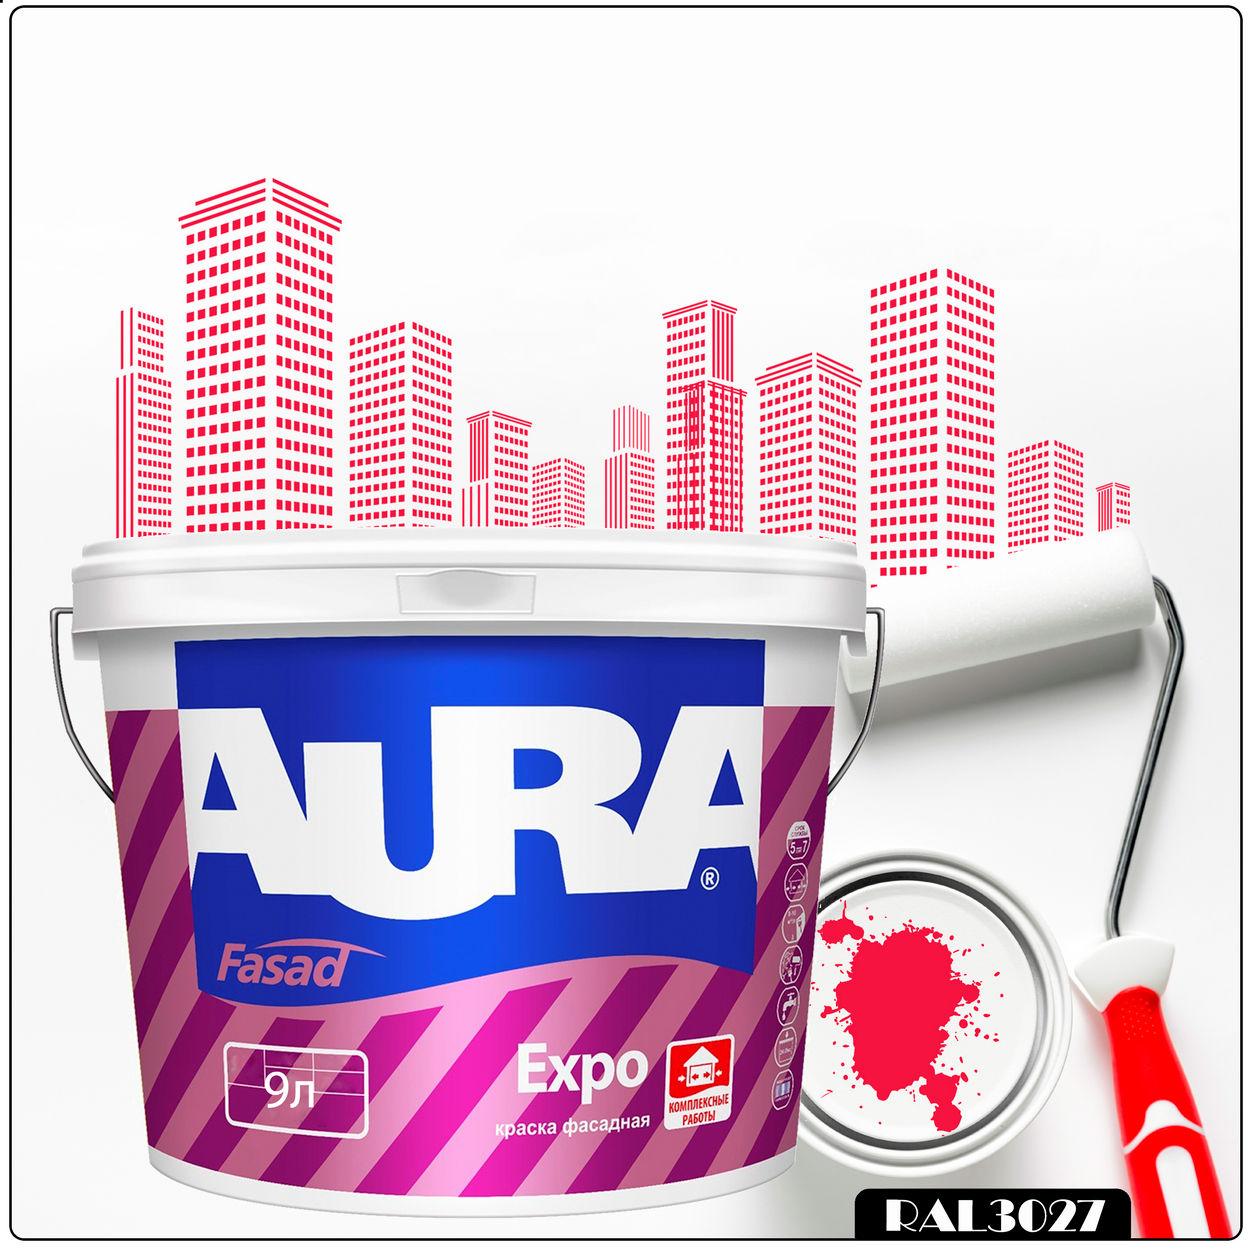 Фото 19 - Краска Aura Fasad Expo, RAL 3027 Малиново-красный, матовая, для фасадов и помещений с повышенной влажностью, 9л.